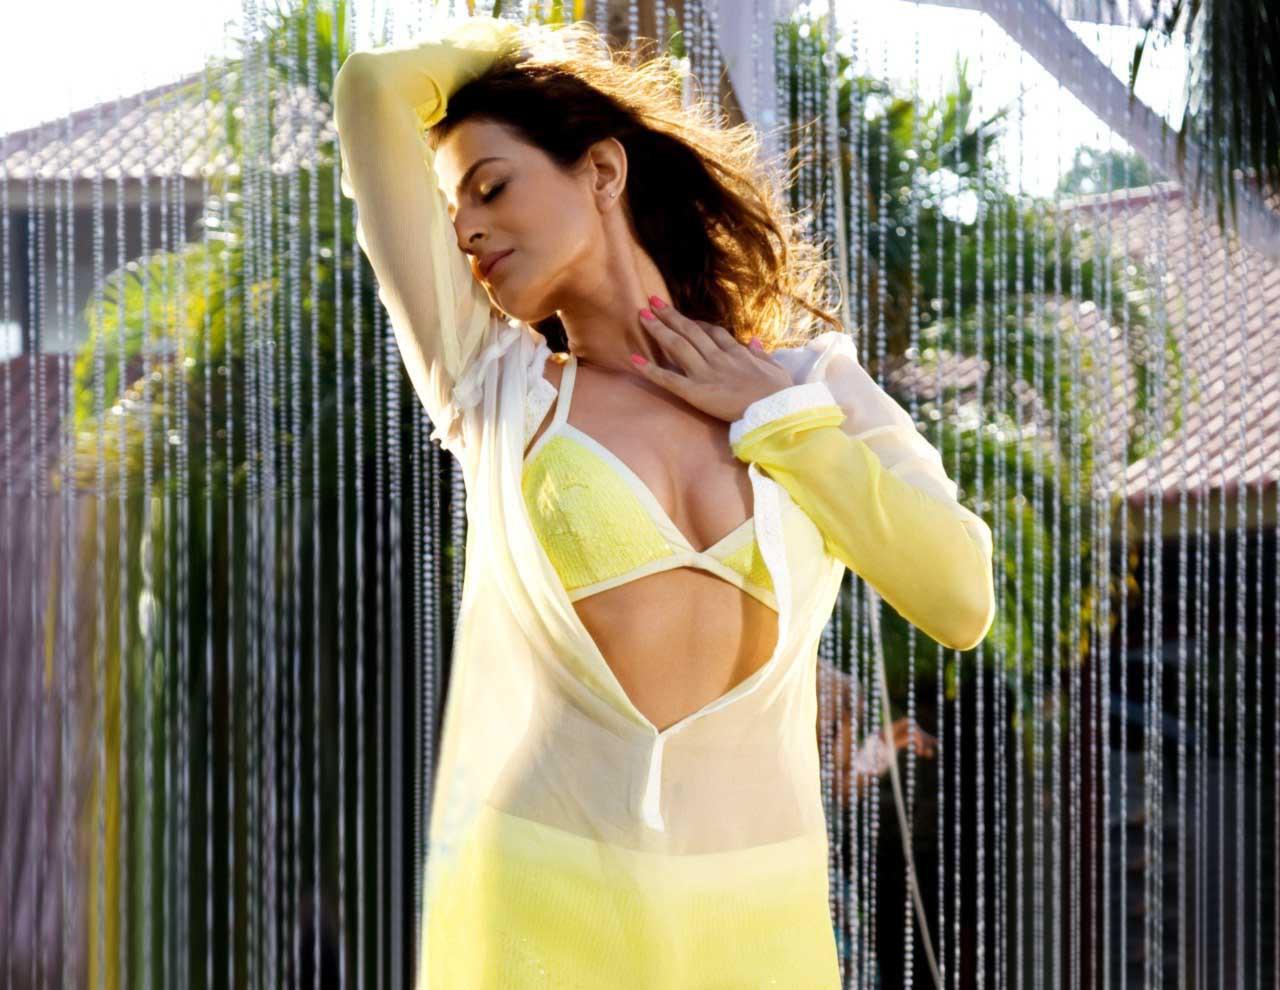 indian actresses hub: amisha patel hot pics hub